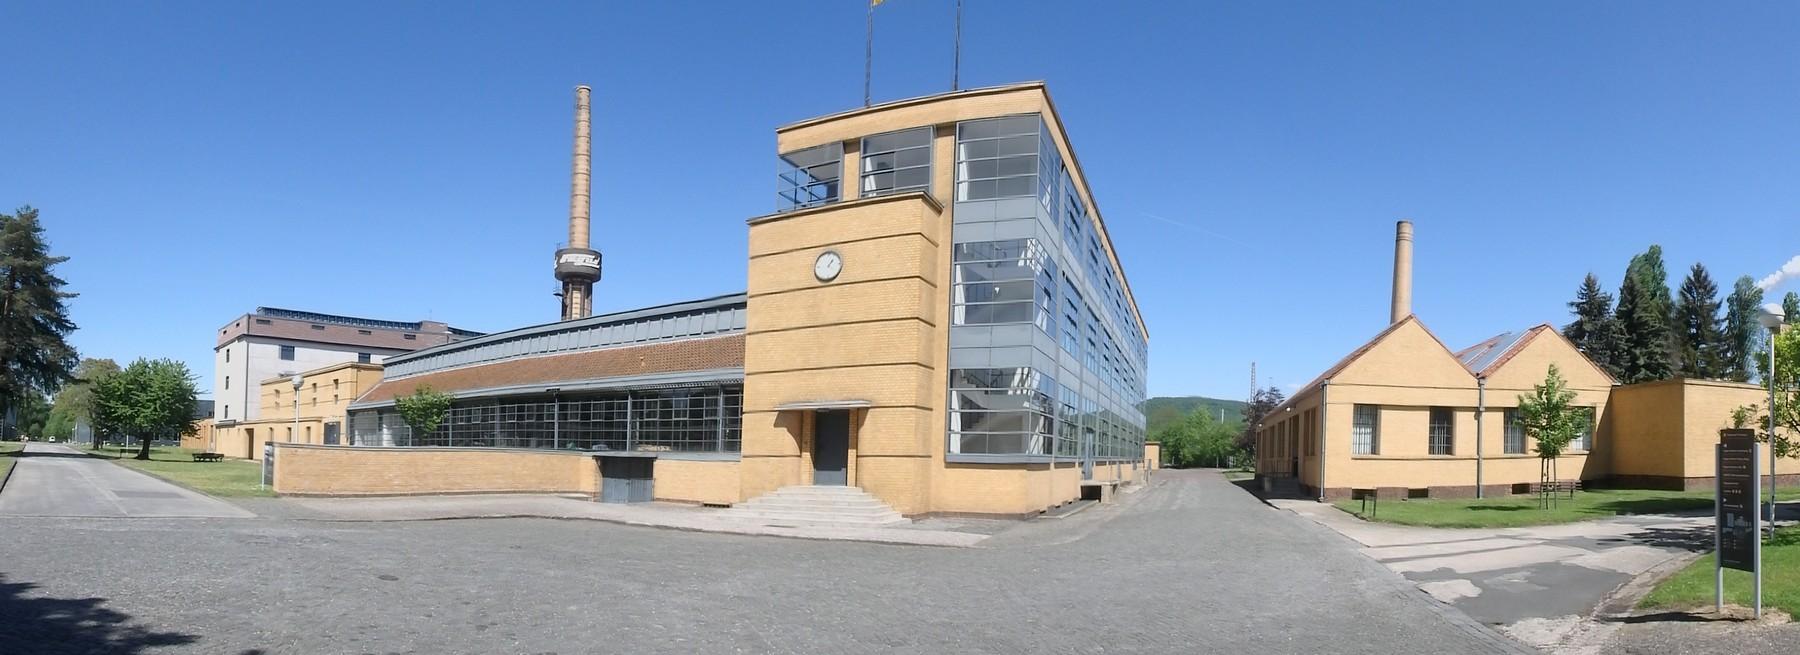 P5030007 Pano fábrica de Fagues en Alfeld Unesco Alemania